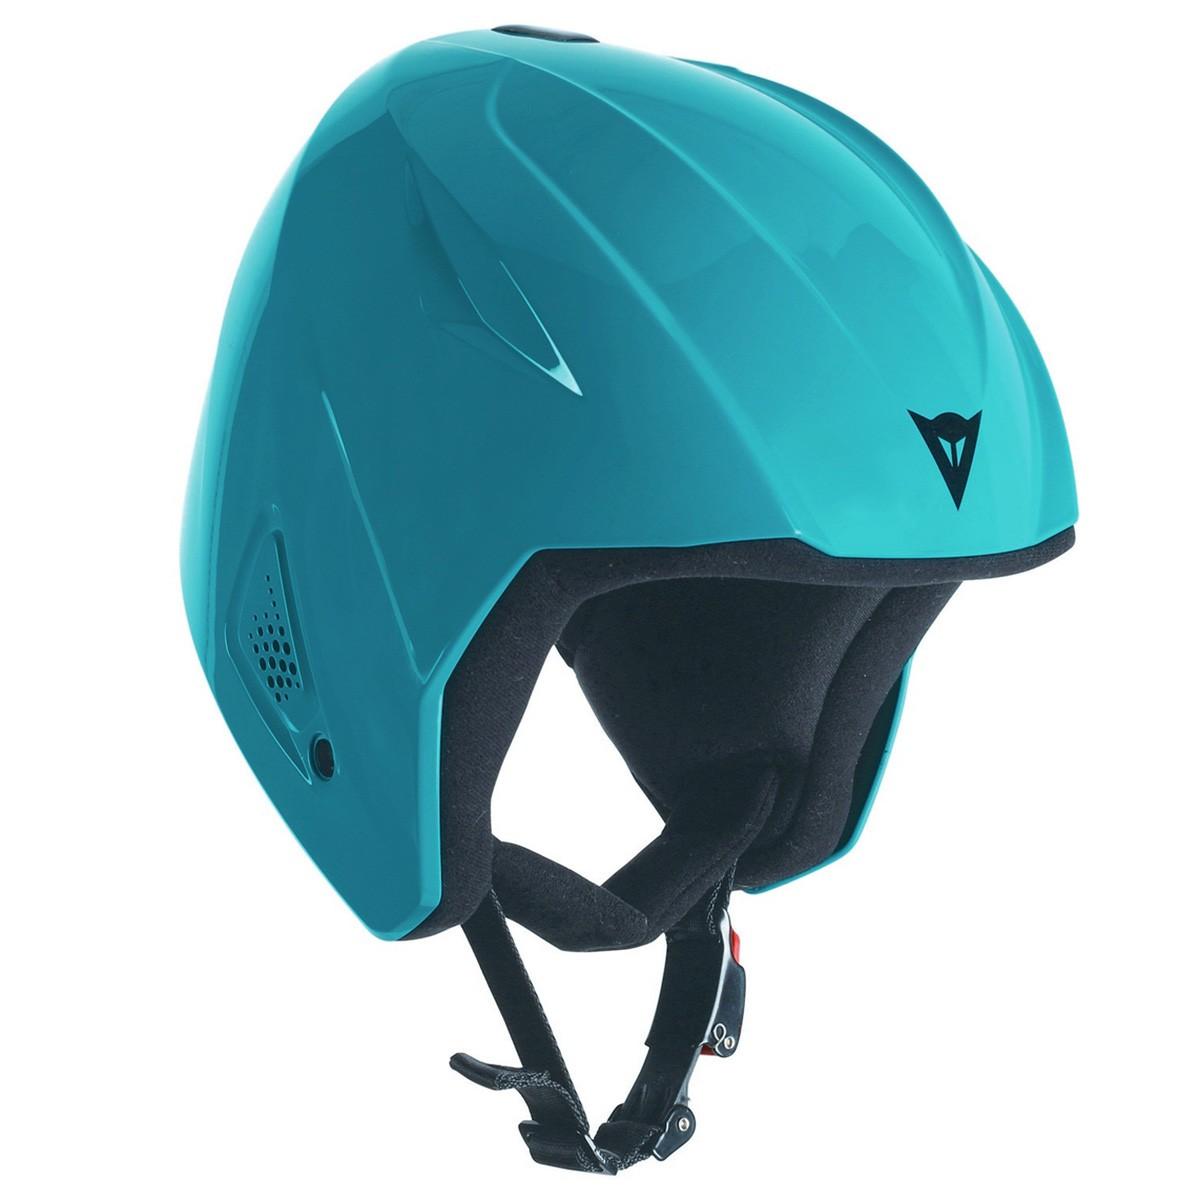 Casco sci Dainese Snow Team Jr Evo azzurro (Colore: azzurro, Taglia: 56)